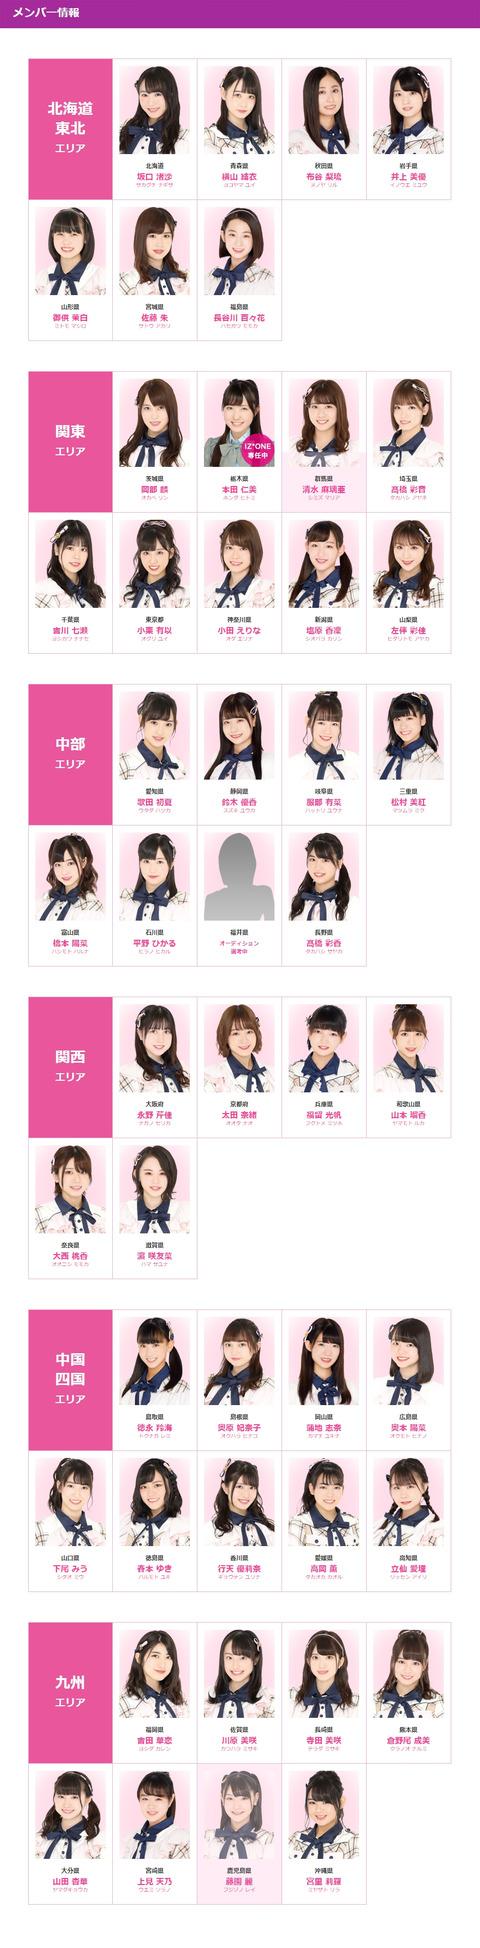 【AKB48】チーム8新メンバープロフィール公開!!!